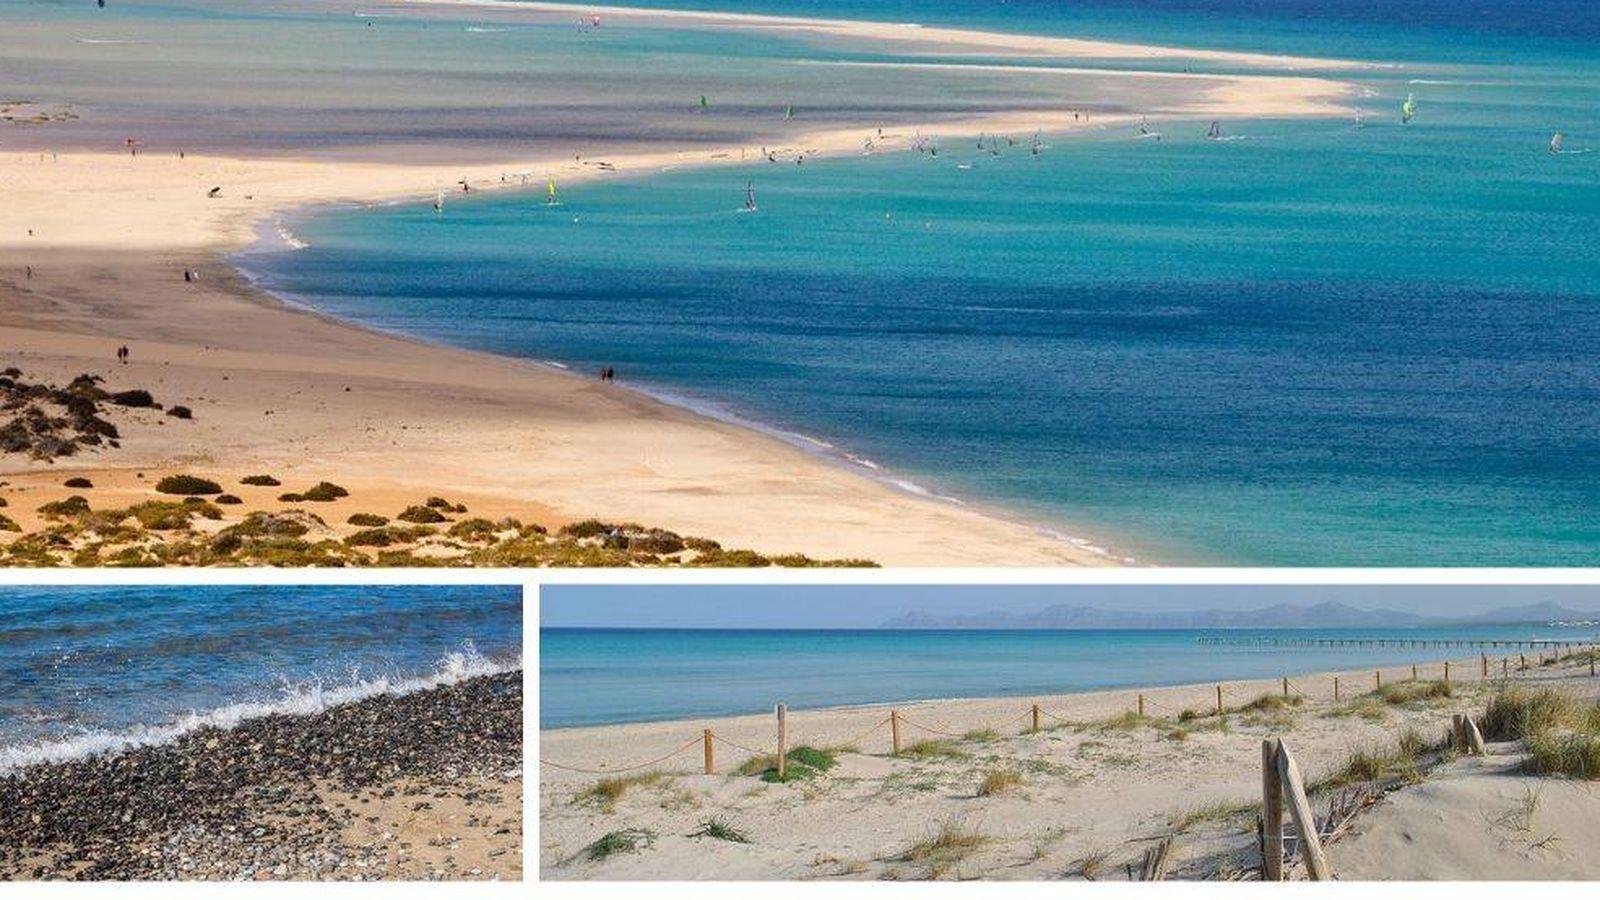 Los De 1Estas Mejores Bañistas España Según Son Playas Del Al Las 10 ilTwOkPZuX